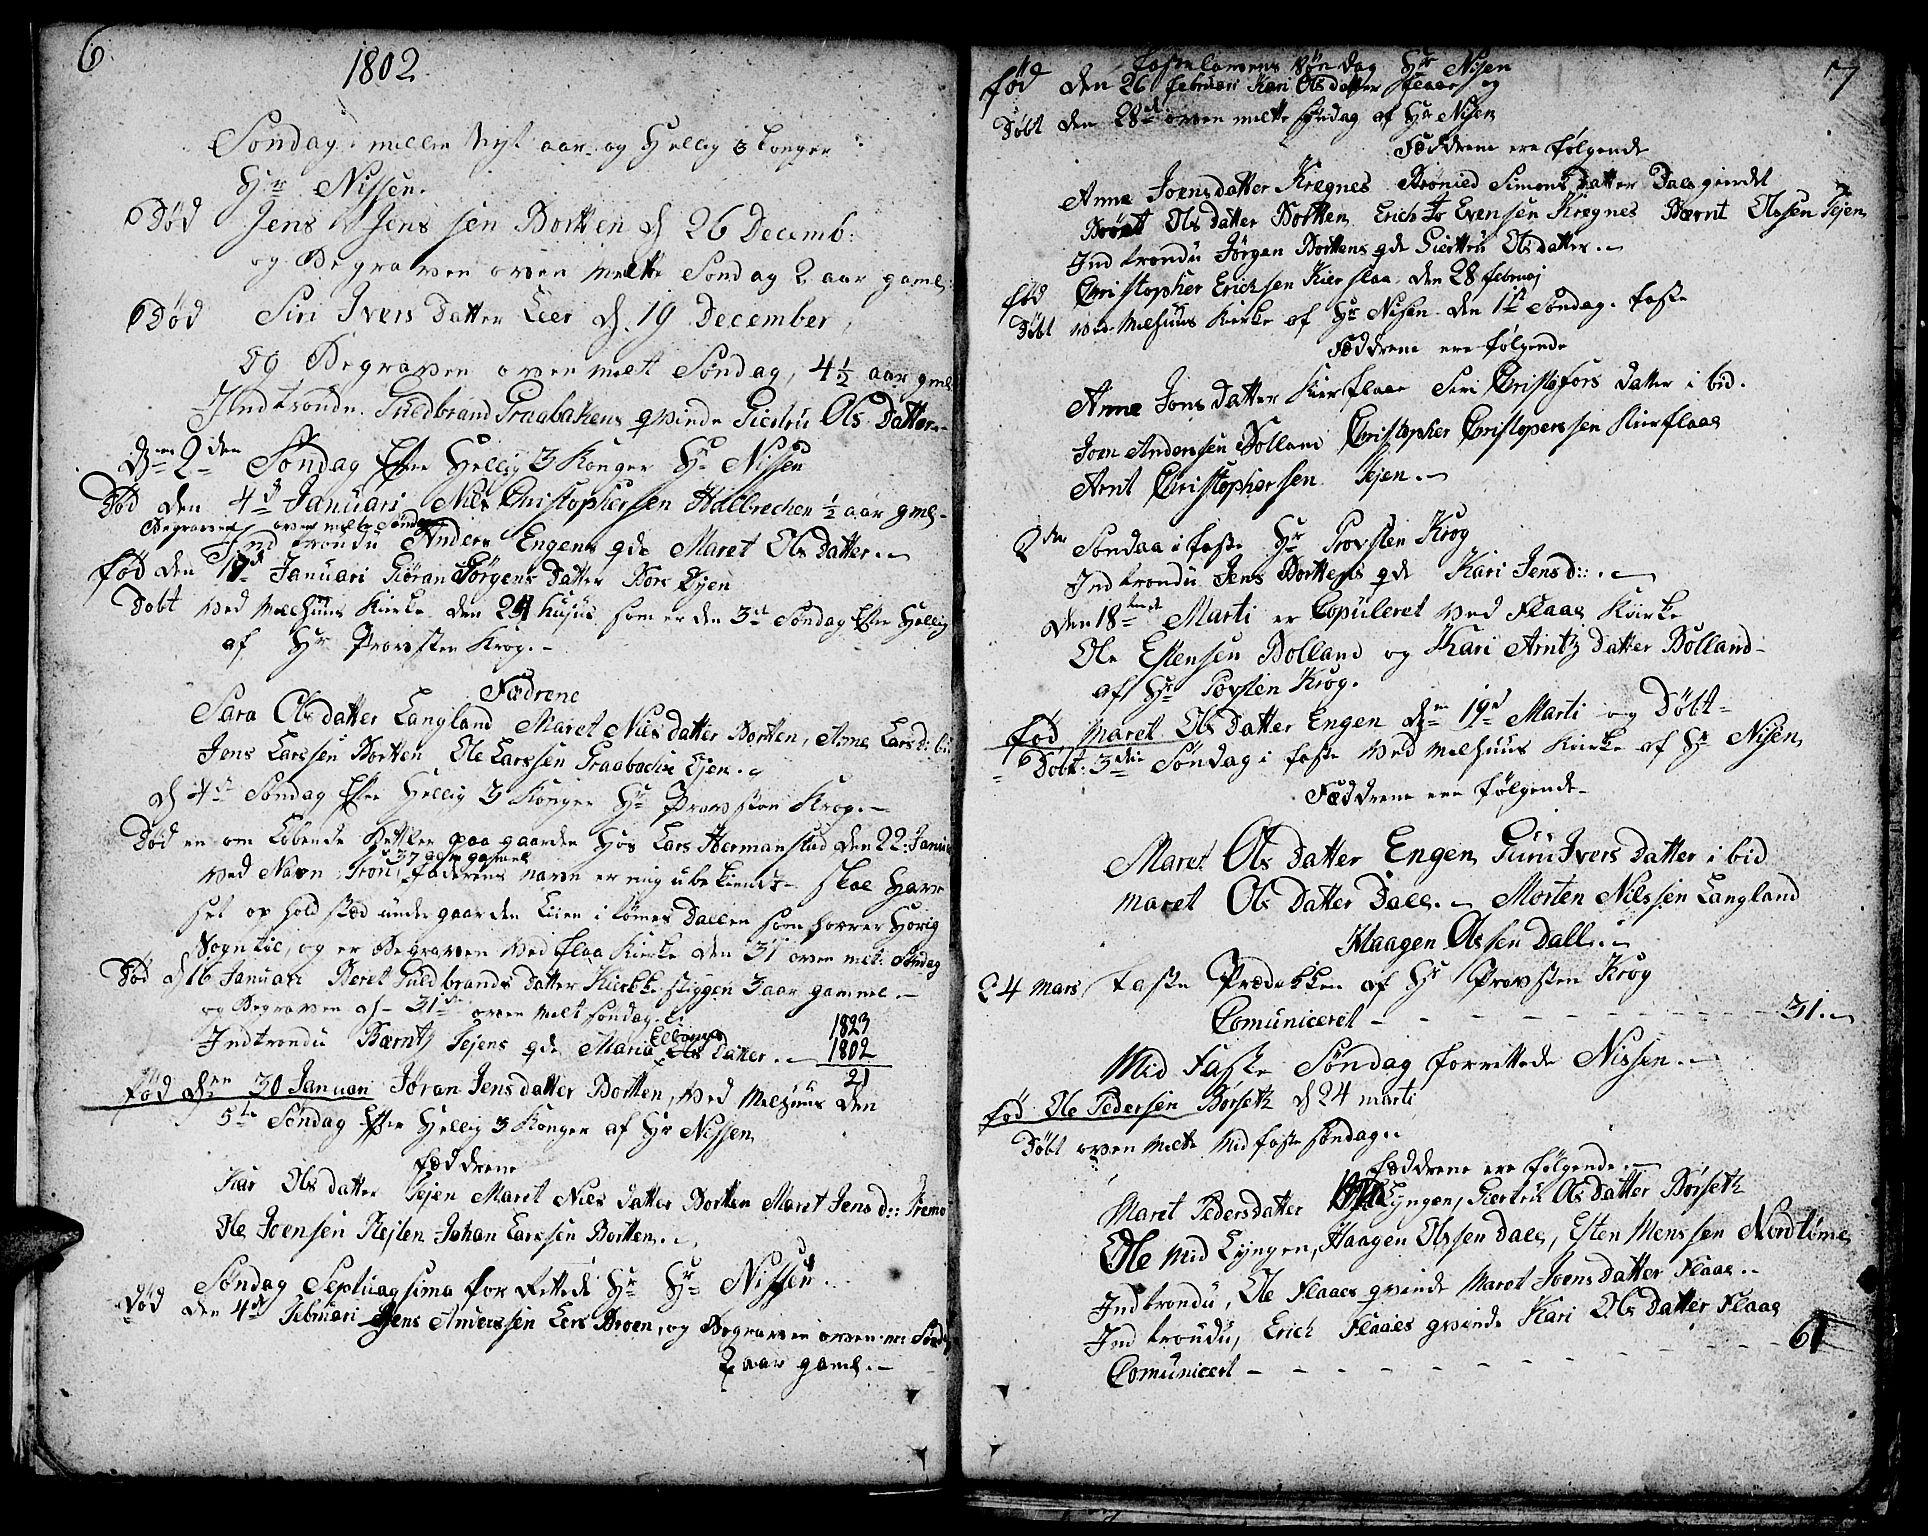 SAT, Ministerialprotokoller, klokkerbøker og fødselsregistre - Sør-Trøndelag, 693/L1120: Klokkerbok nr. 693C01, 1799-1816, s. 6-7